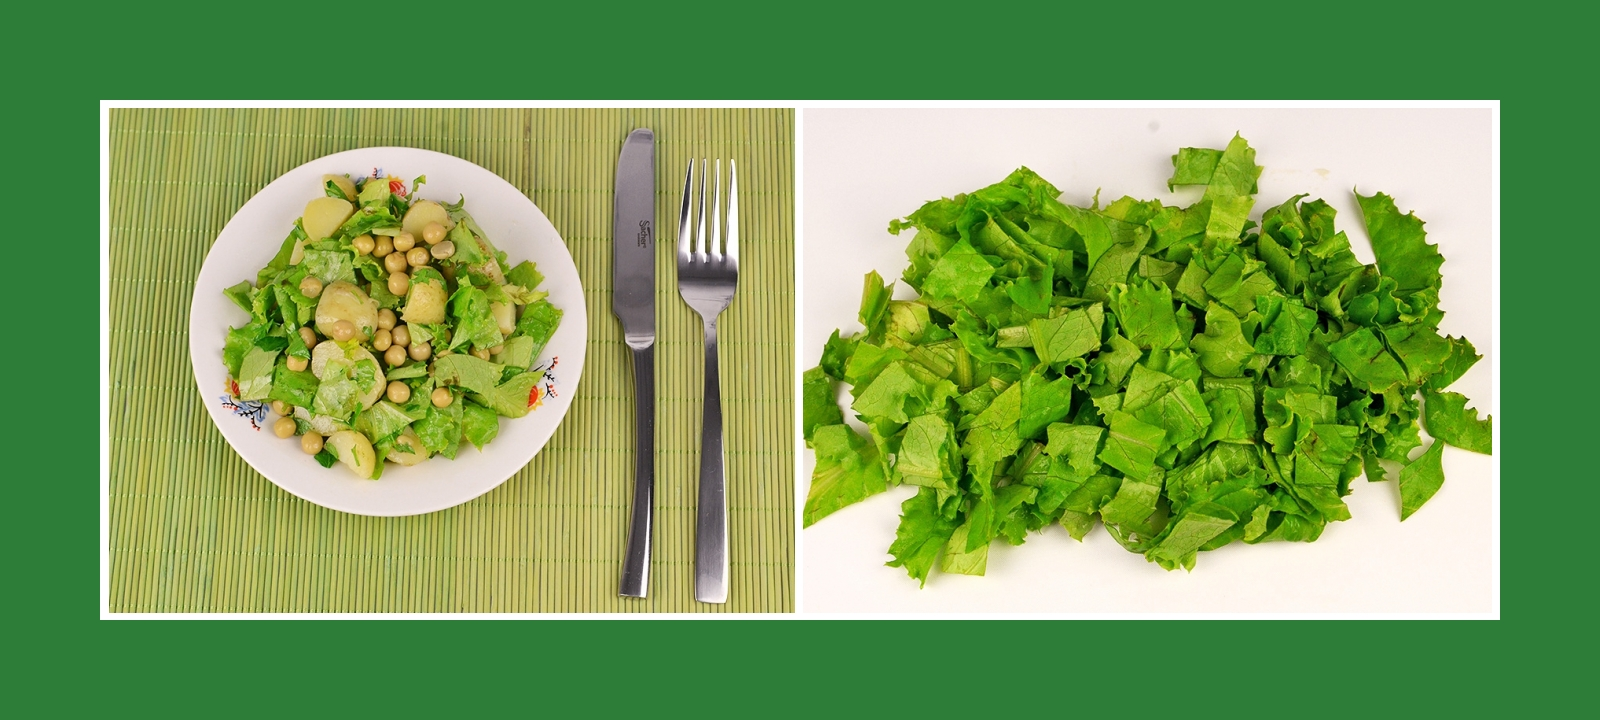 Gartensalat Salatblätter für Kartoffesalat mit Erbsen